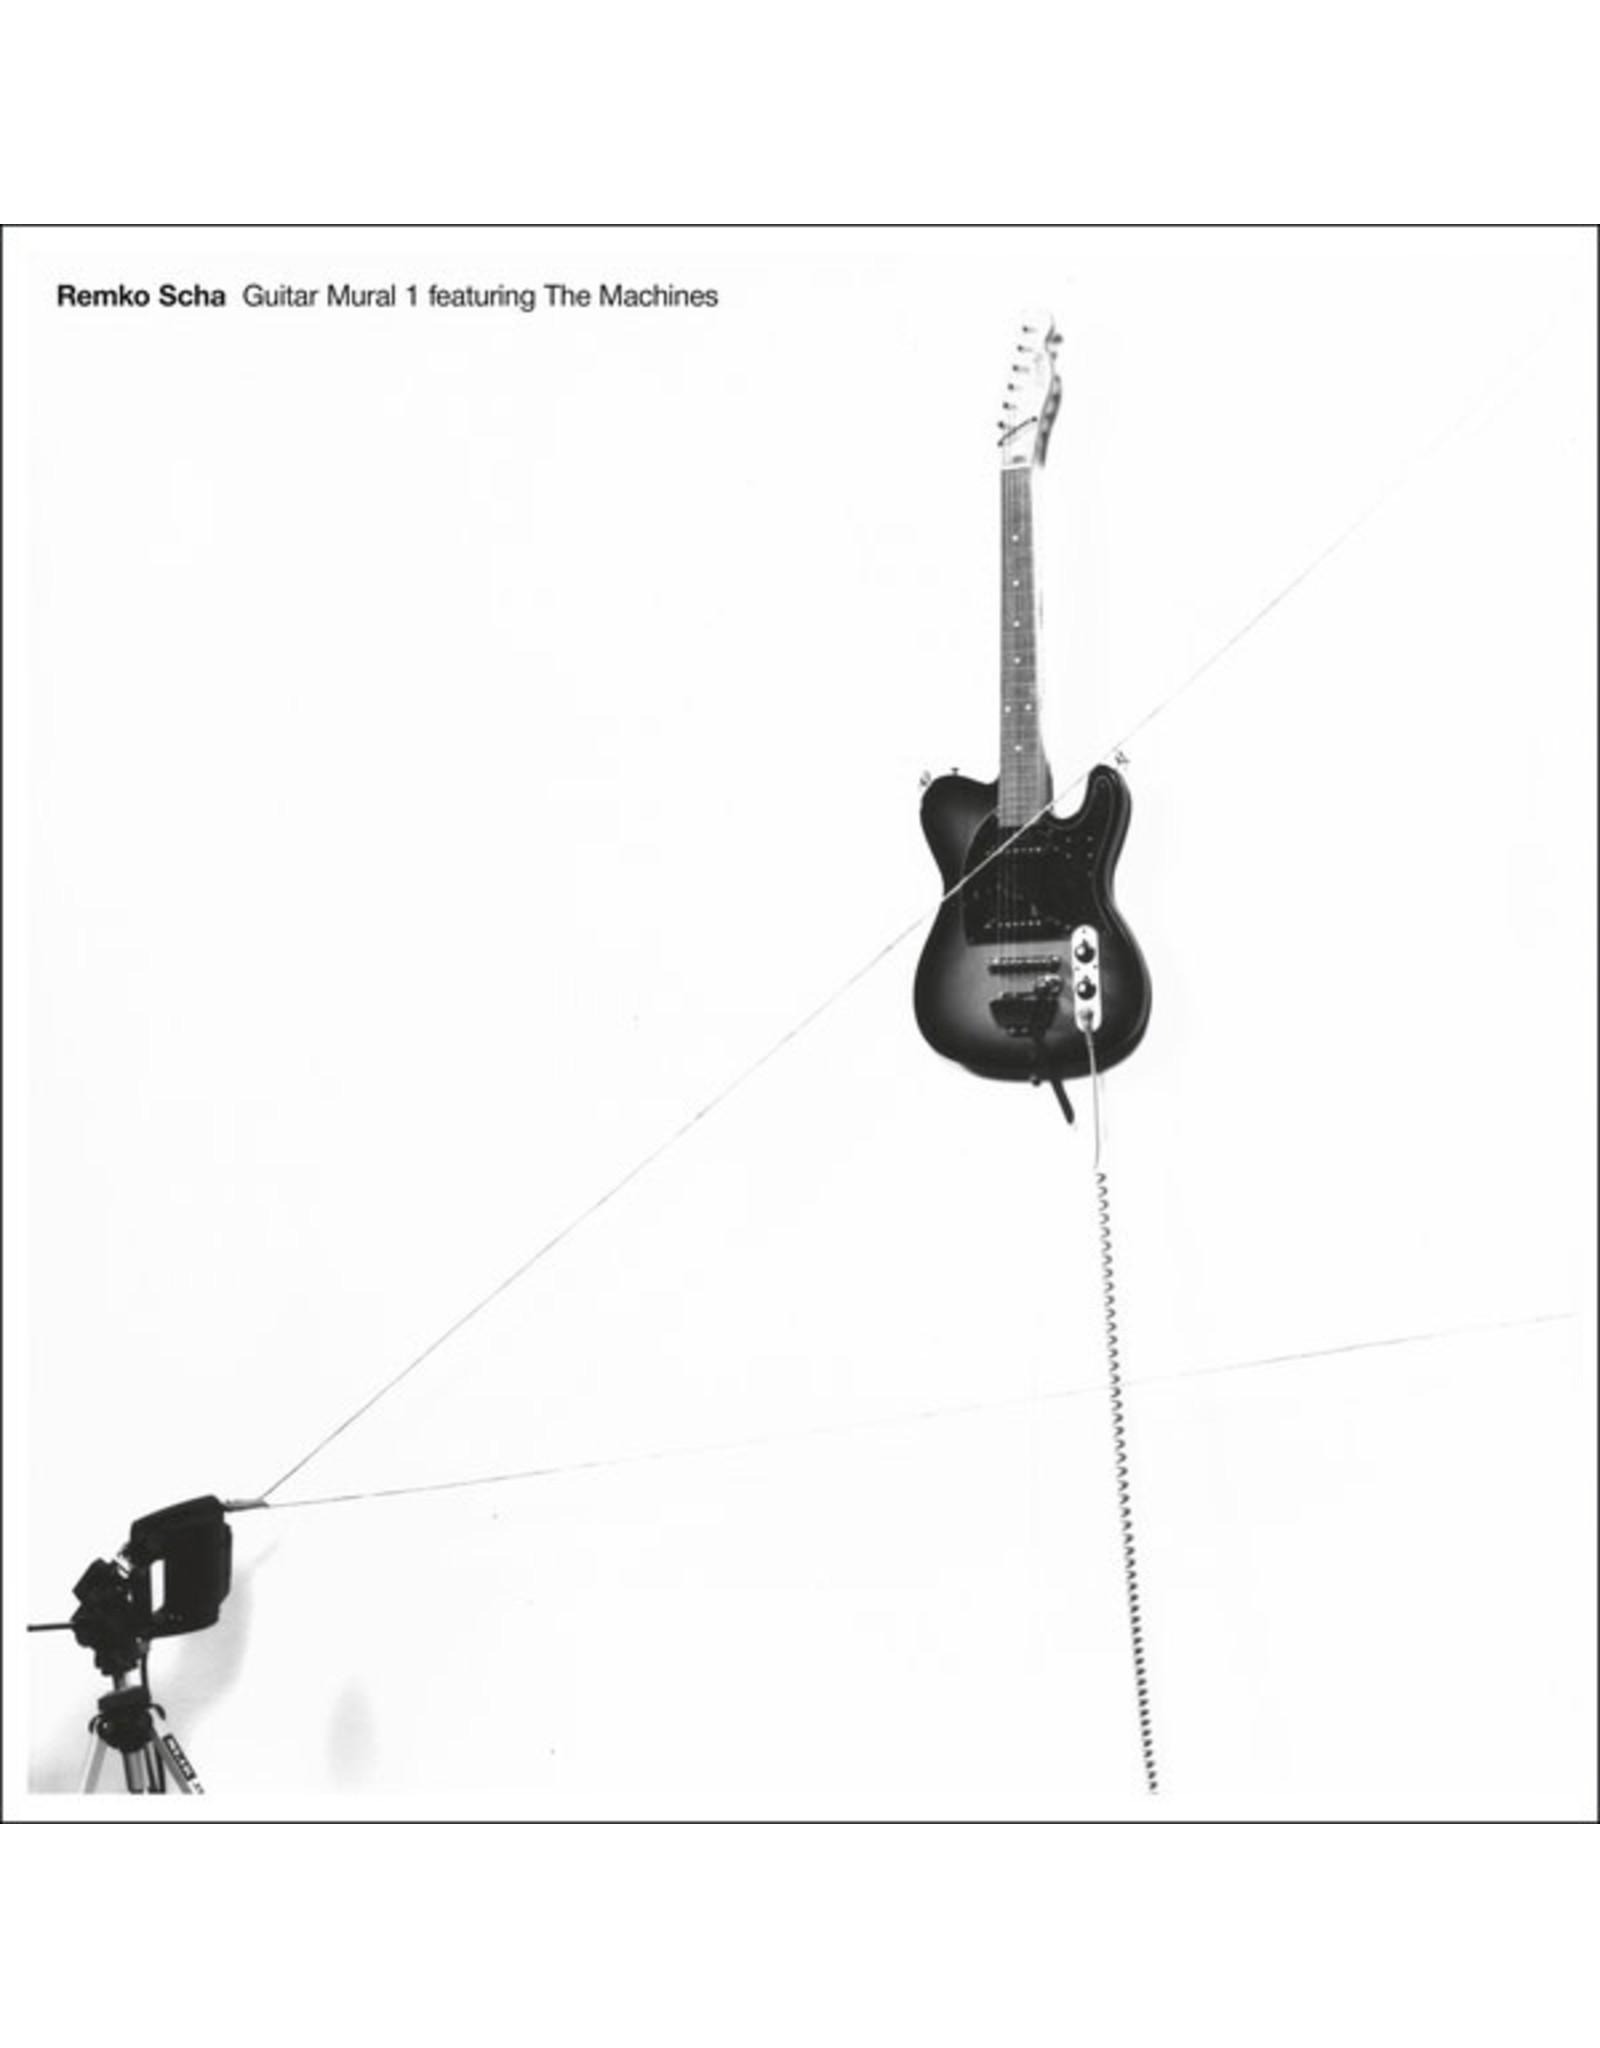 New Vinyl Remko Scha - Guitar Mural 1 Ft. The Machines LP